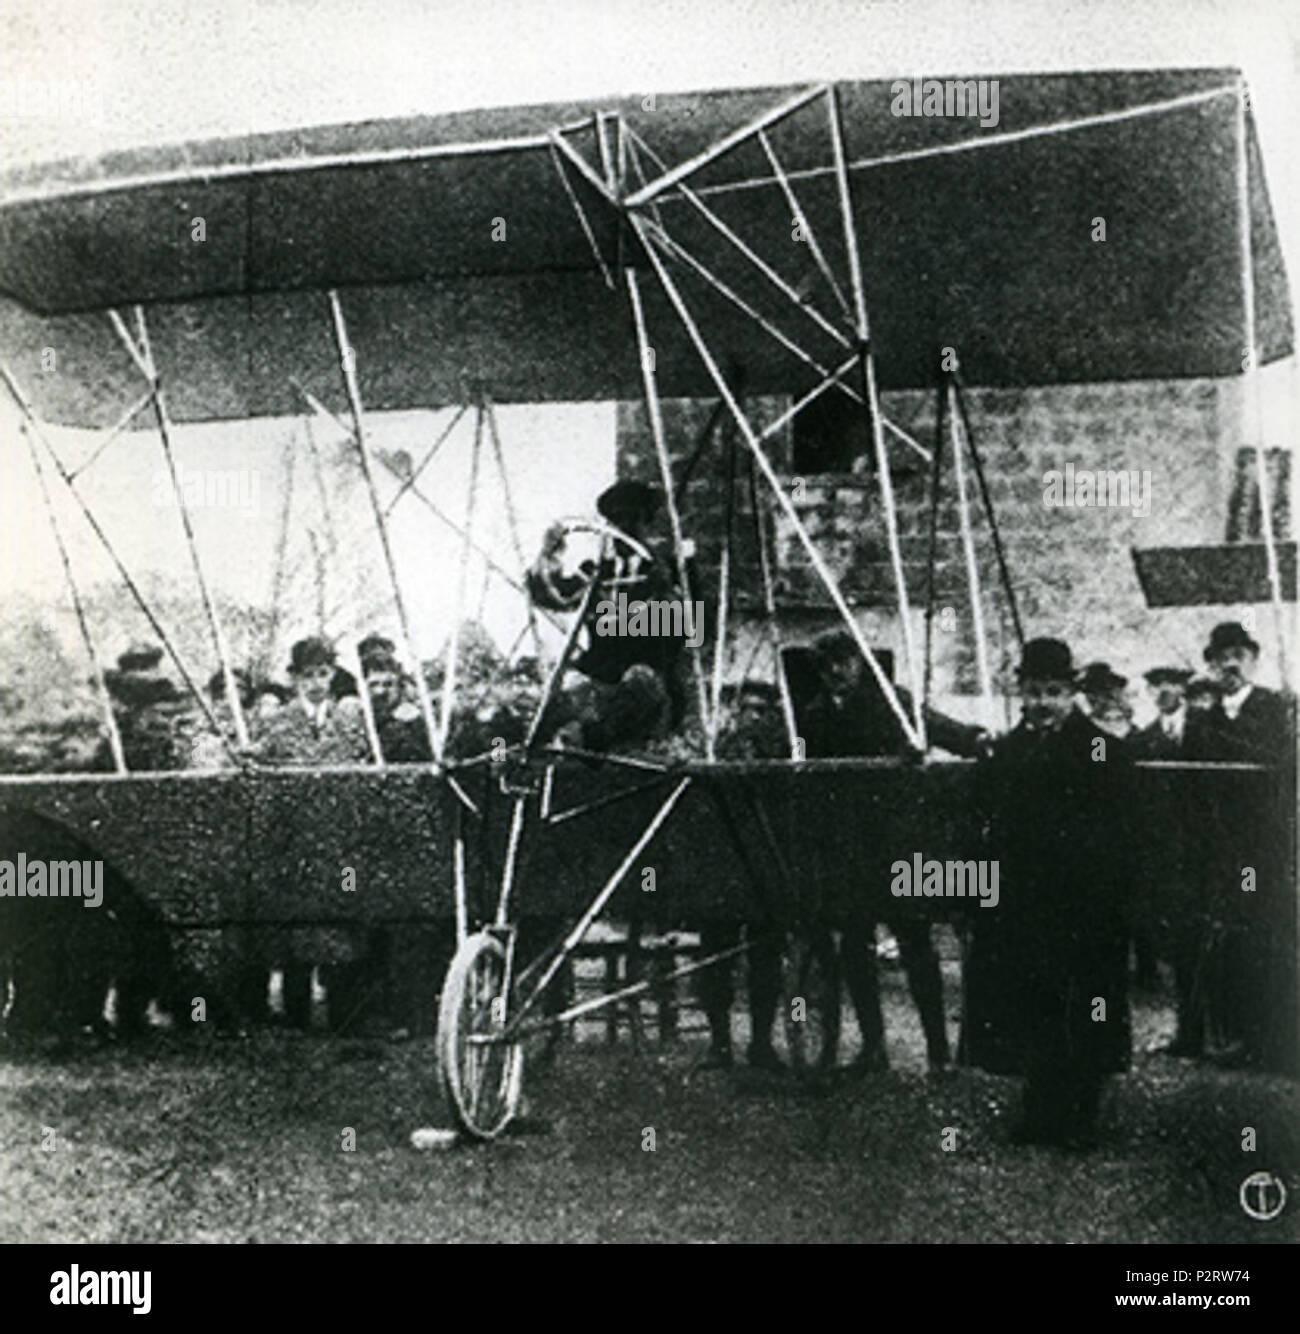 . Italiano: Biplano Agusta AG.1 Una Capua Licensing Categoria:Immagini di aeroplani . 1910. 4 desconocido Agusta AG.1 biplano Foto de stock